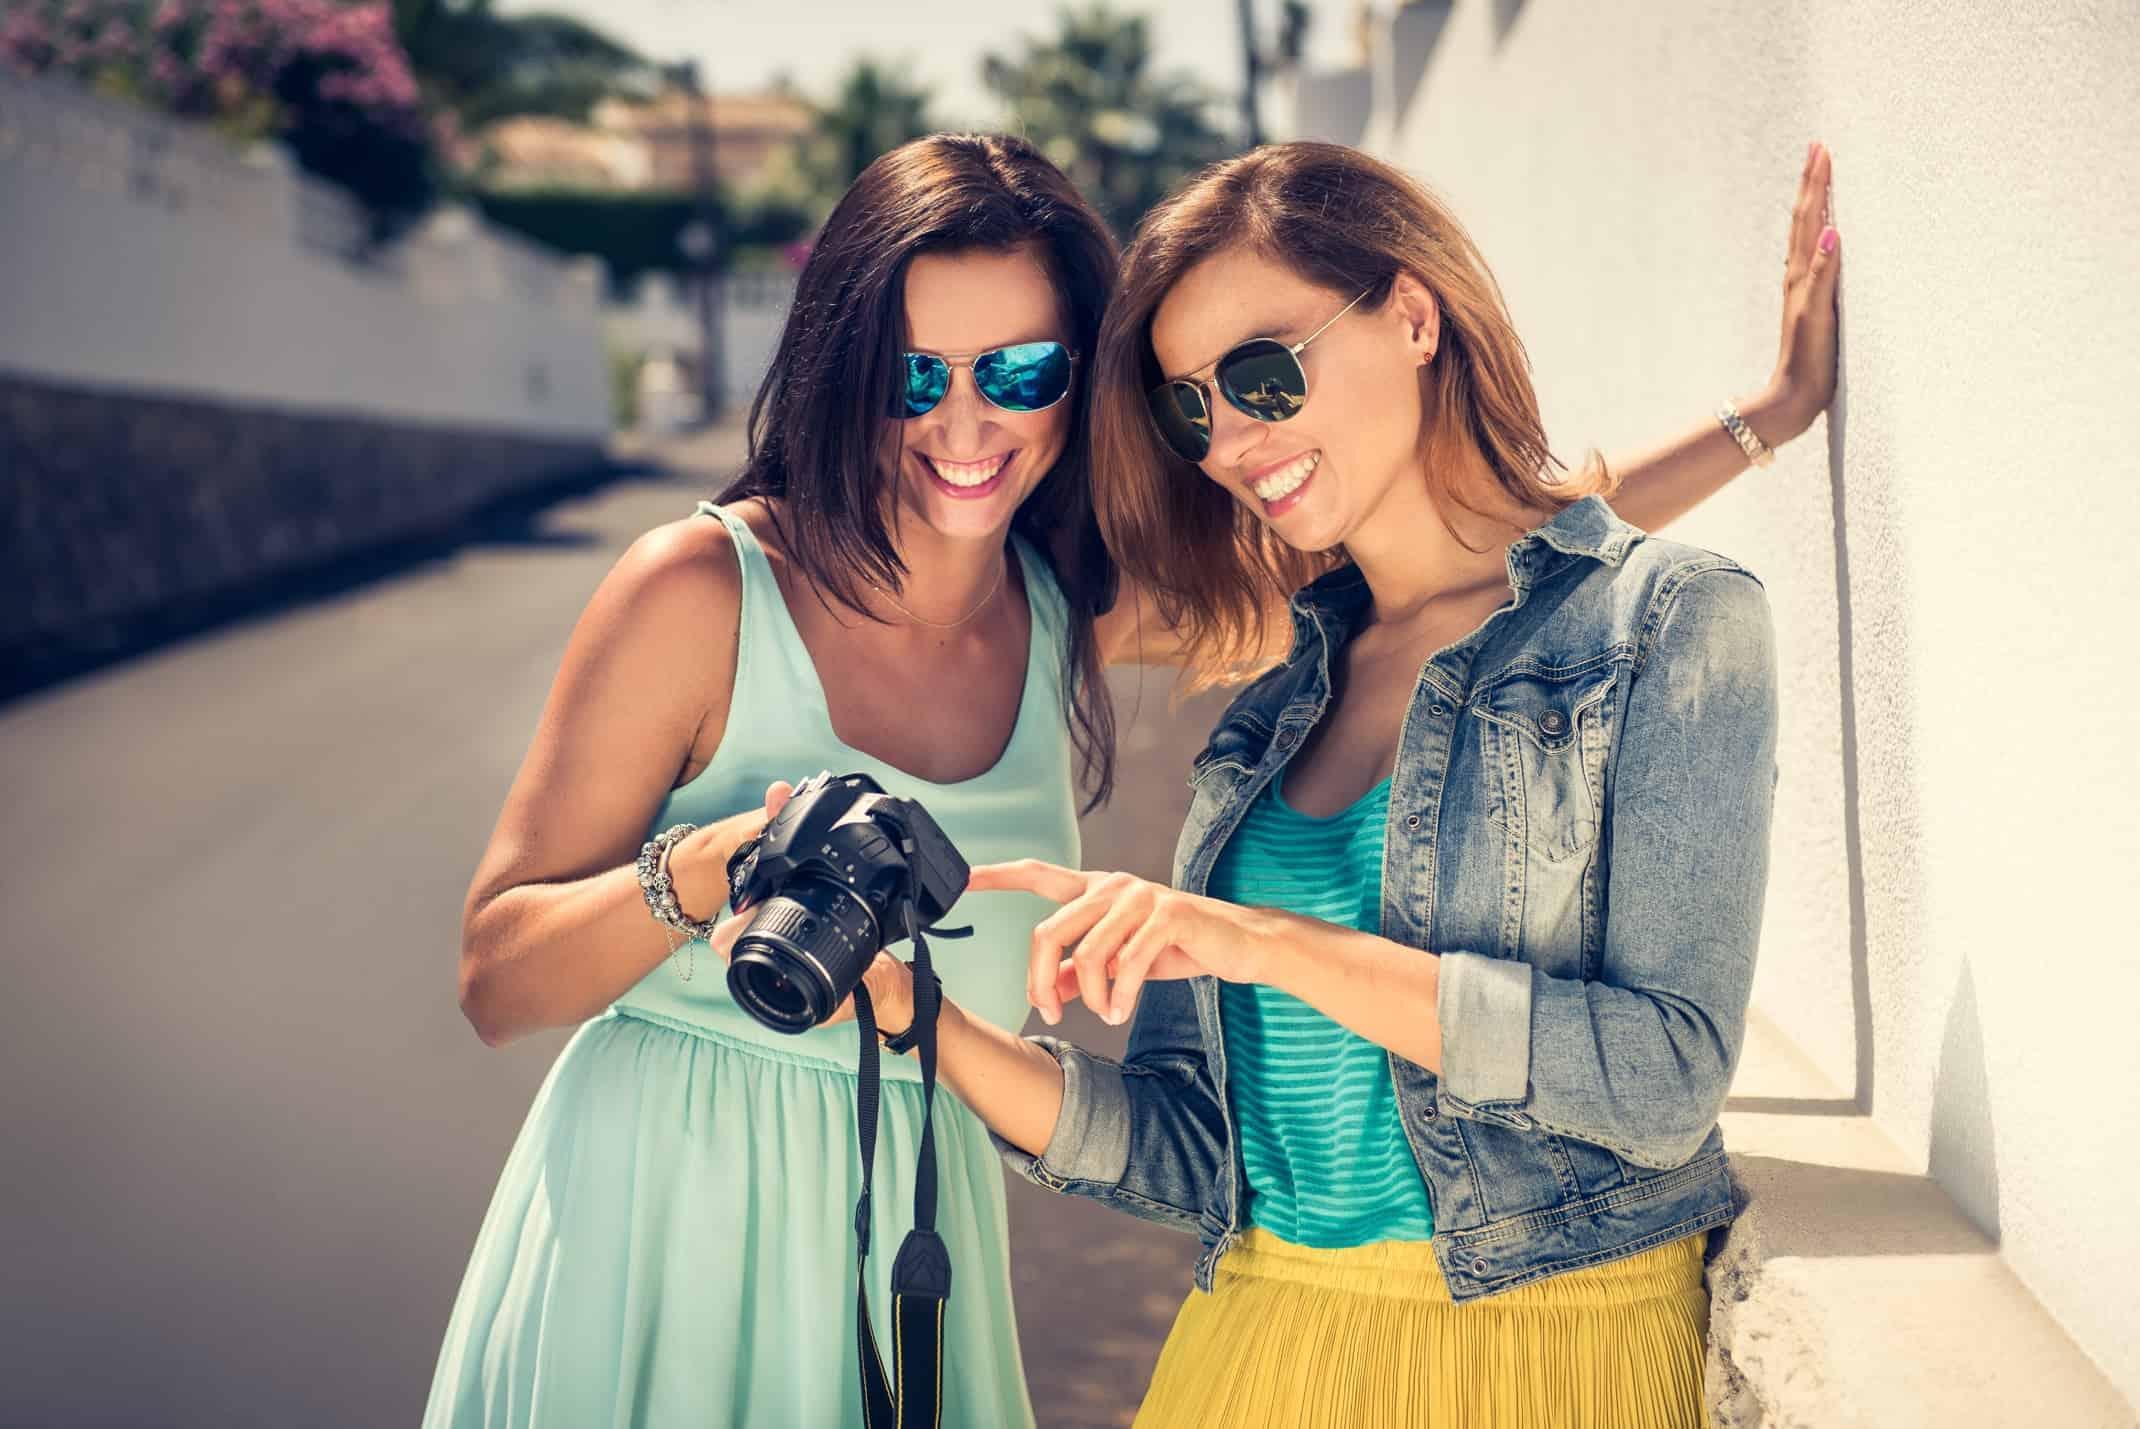 Best Cameras for Instagram